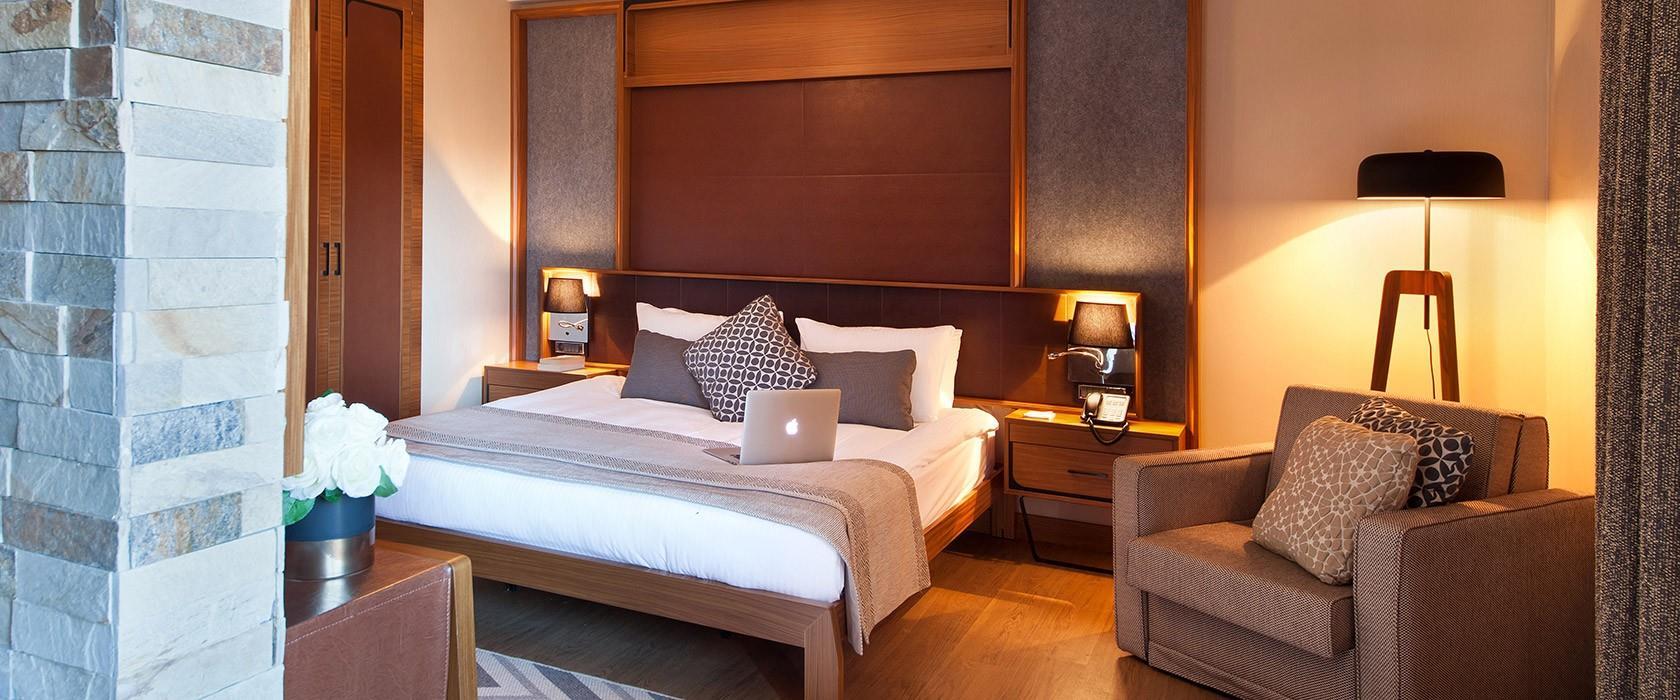 Magna Pivot Hotel203277